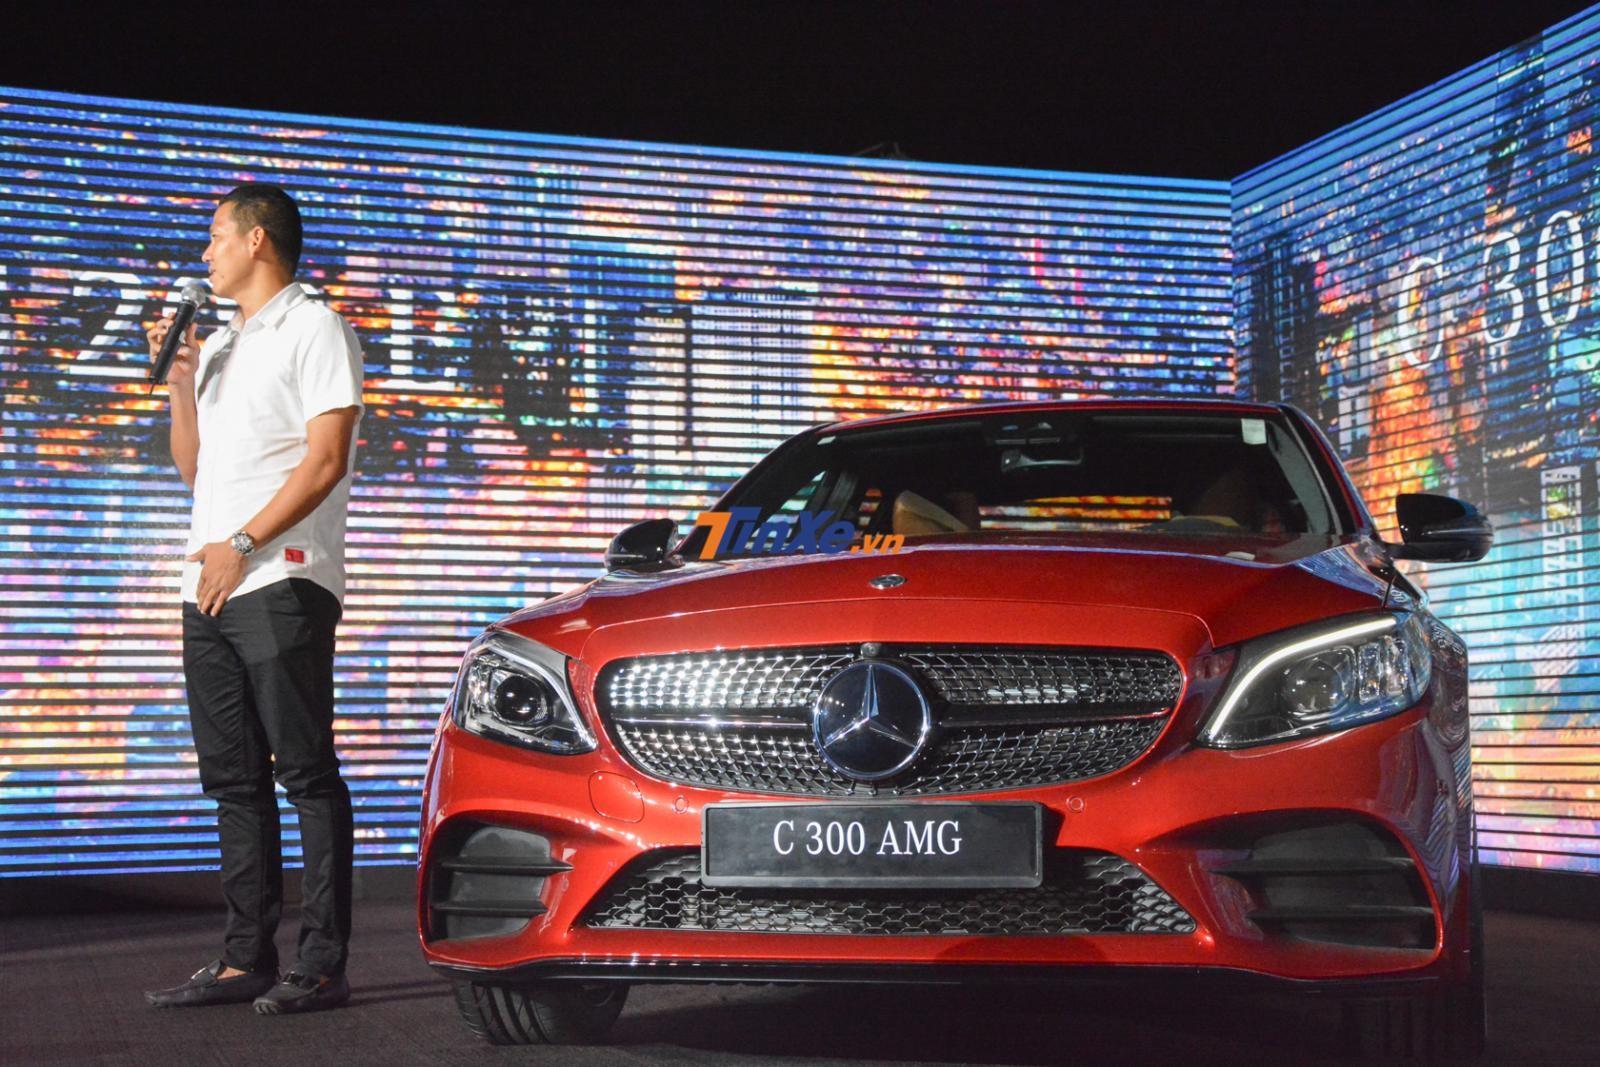 Mercedes-Benz C300 AMG 2019 sử dụng động cơ máy xăng 4 xi-lanh, dung tích 2.0 lít tích hợp thêm hệ thống EQ Boost